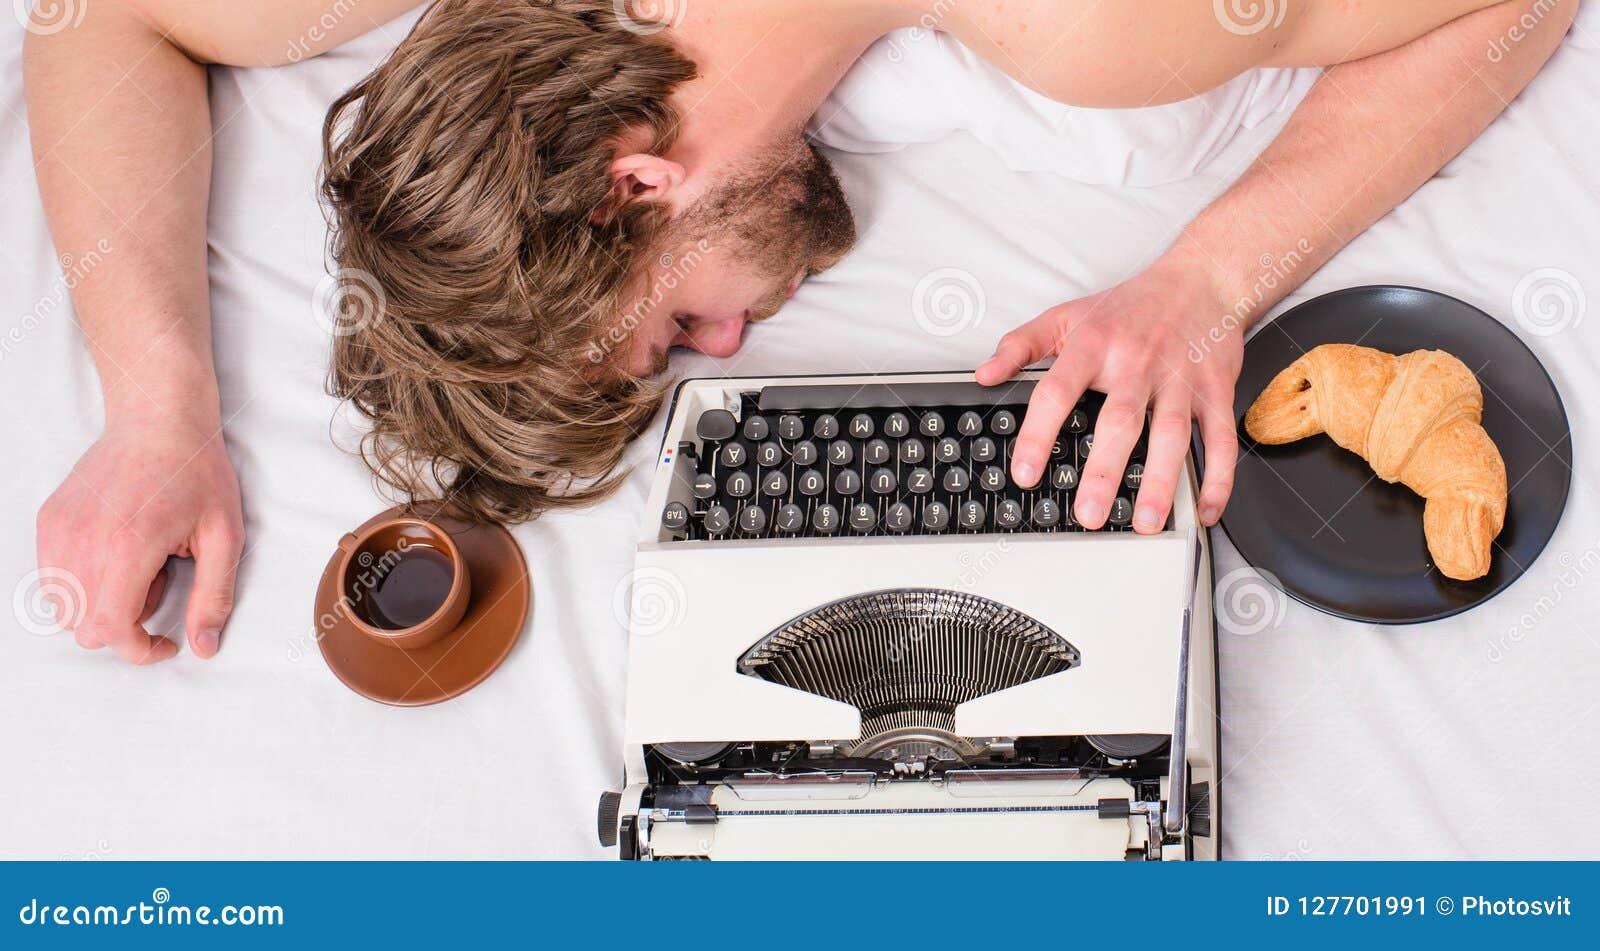 Το άτομο νυσταλέο βάζει τα κλινοσκεπάσματα ενώ εργασία Ο συγγραφέας χρησιμοποίησε την ντεμοντέ γραφομηχανή Πτώση Workaholic κοιμι